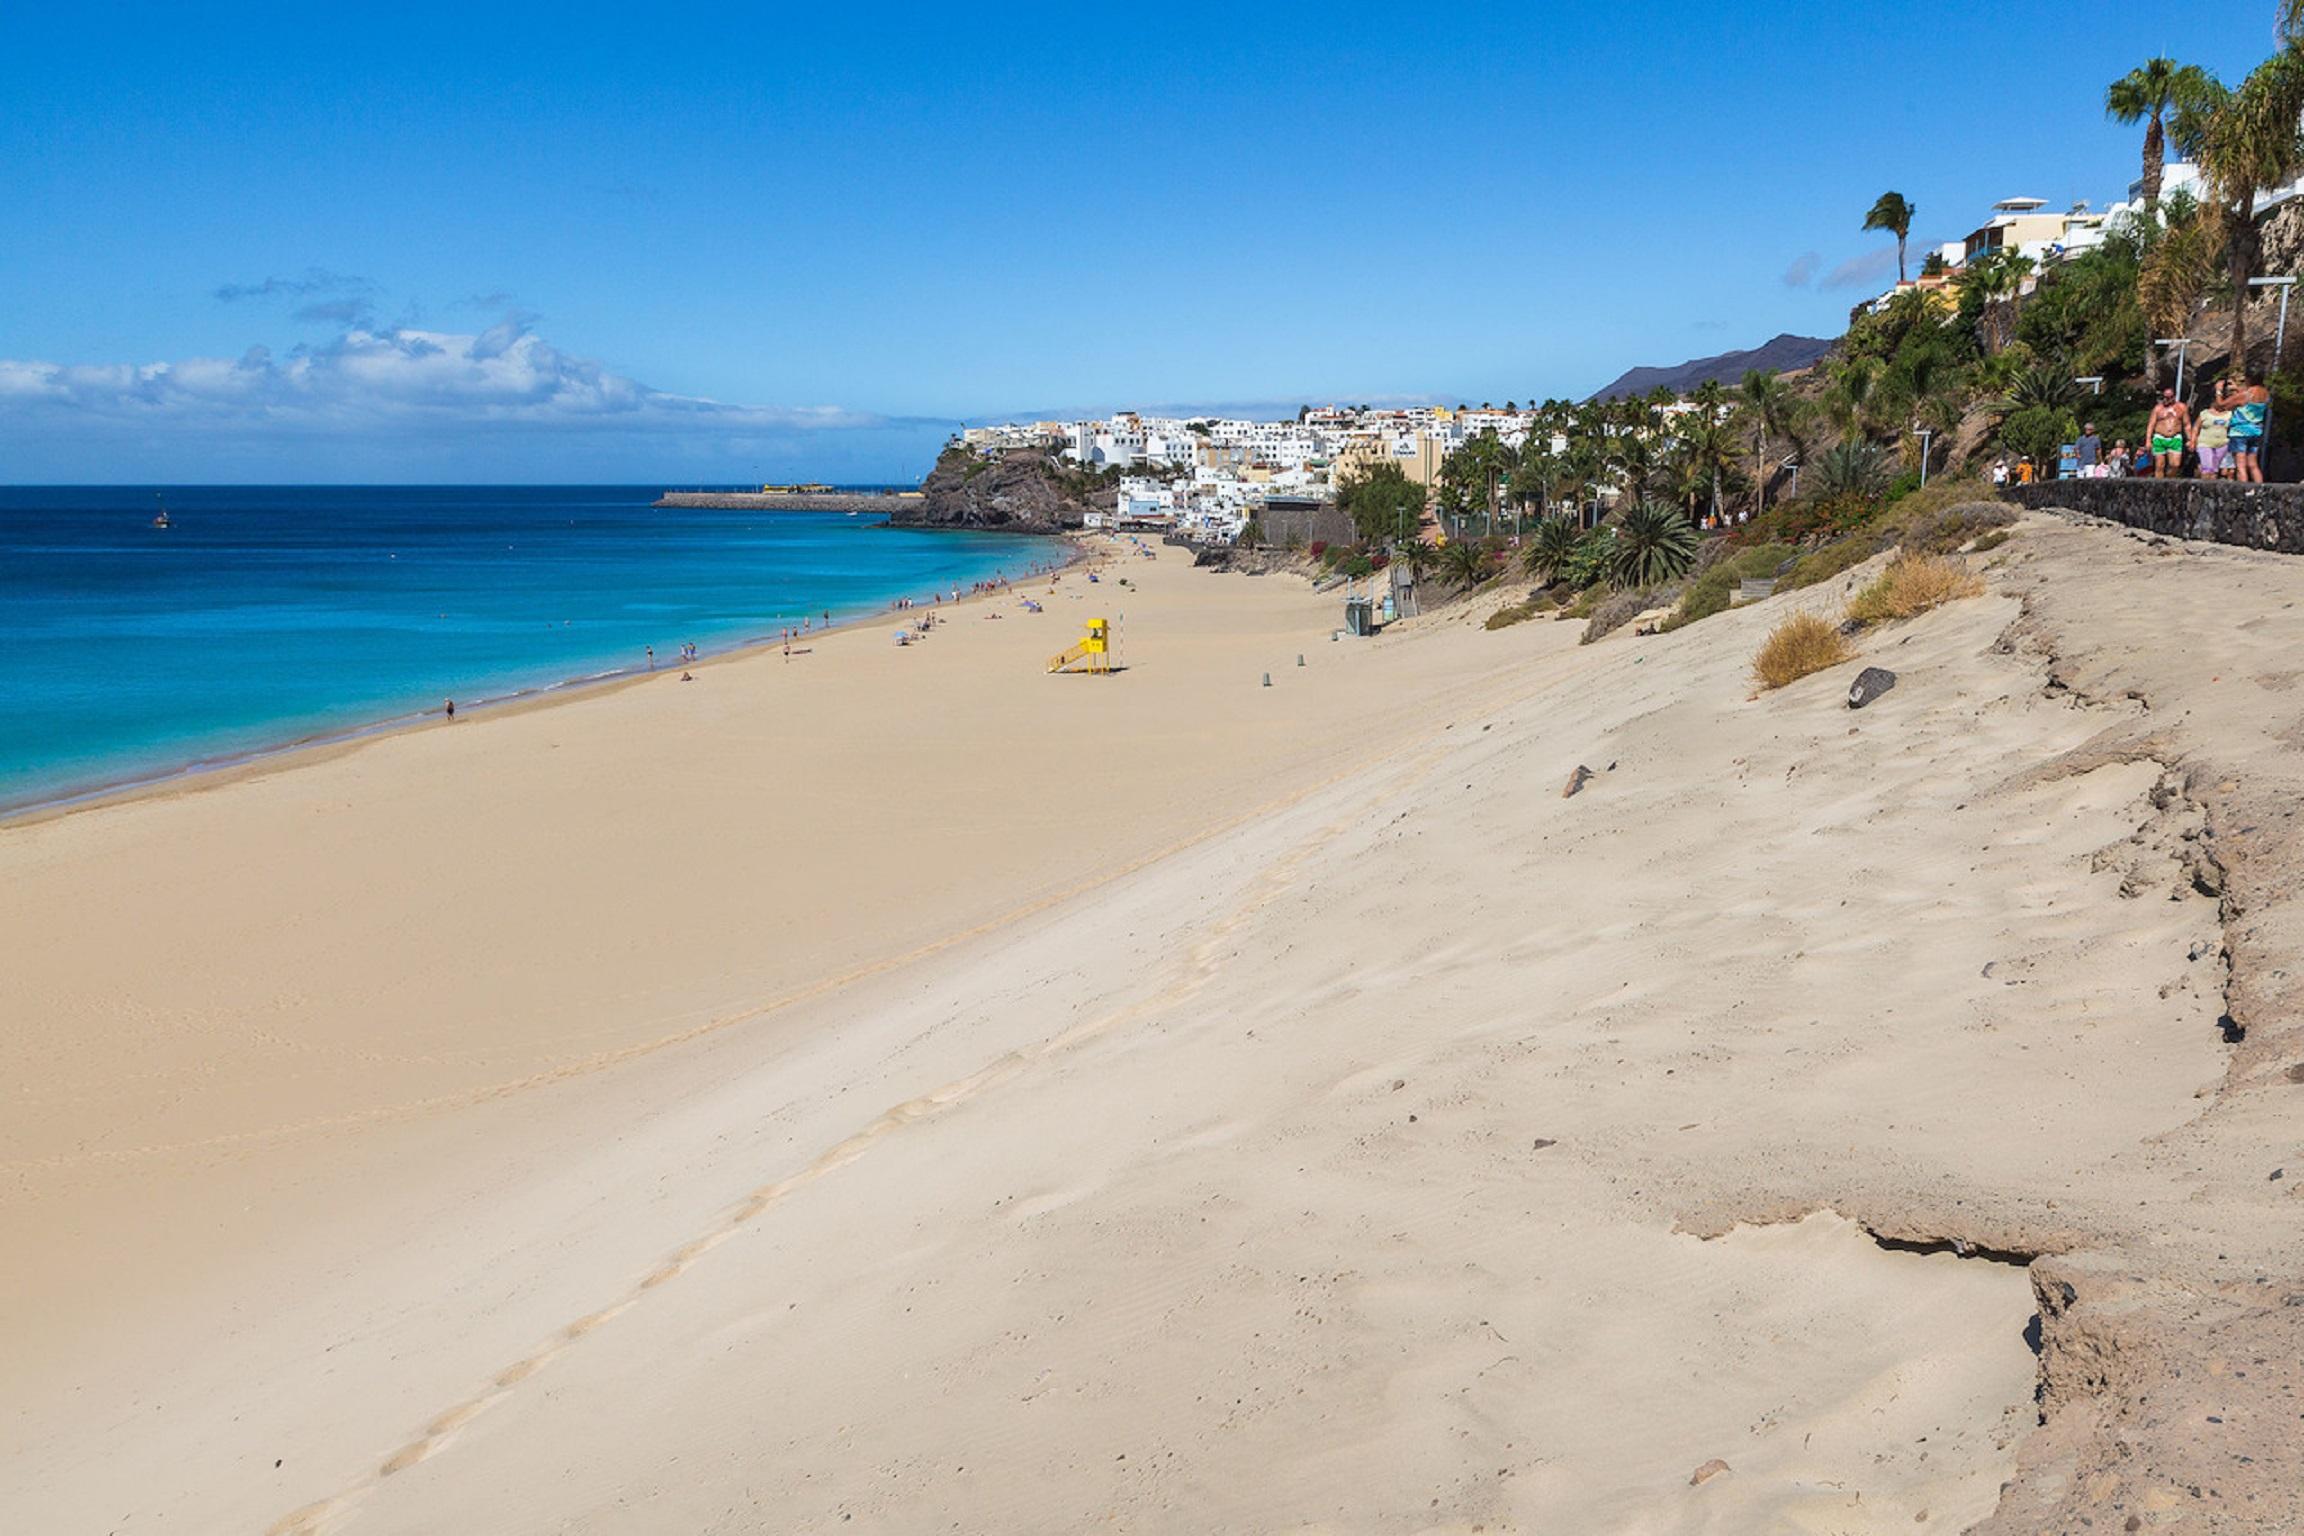 Ferienwohnung Apartment in Strandnhe mit groer Terrasse, Wlan und Parkplatz (2628896), Costa Calma, Fuerteventura, Kanarische Inseln, Spanien, Bild 32